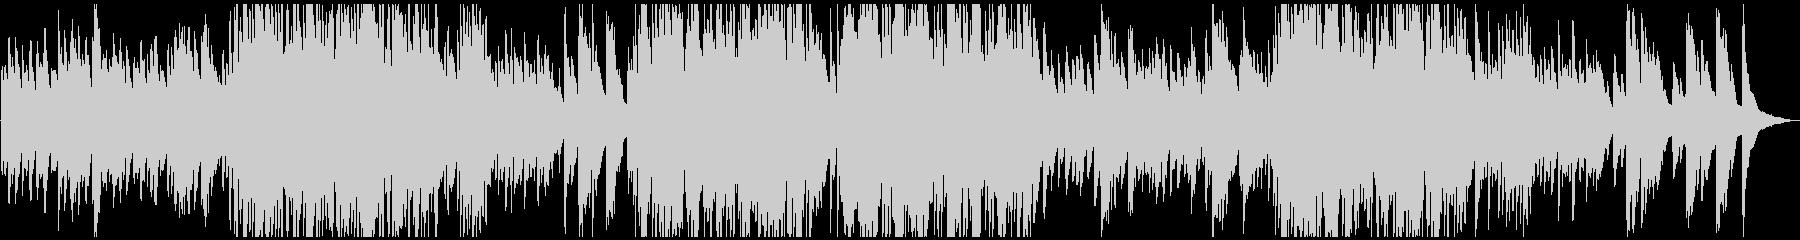 ピアノソロメロディアス。の未再生の波形